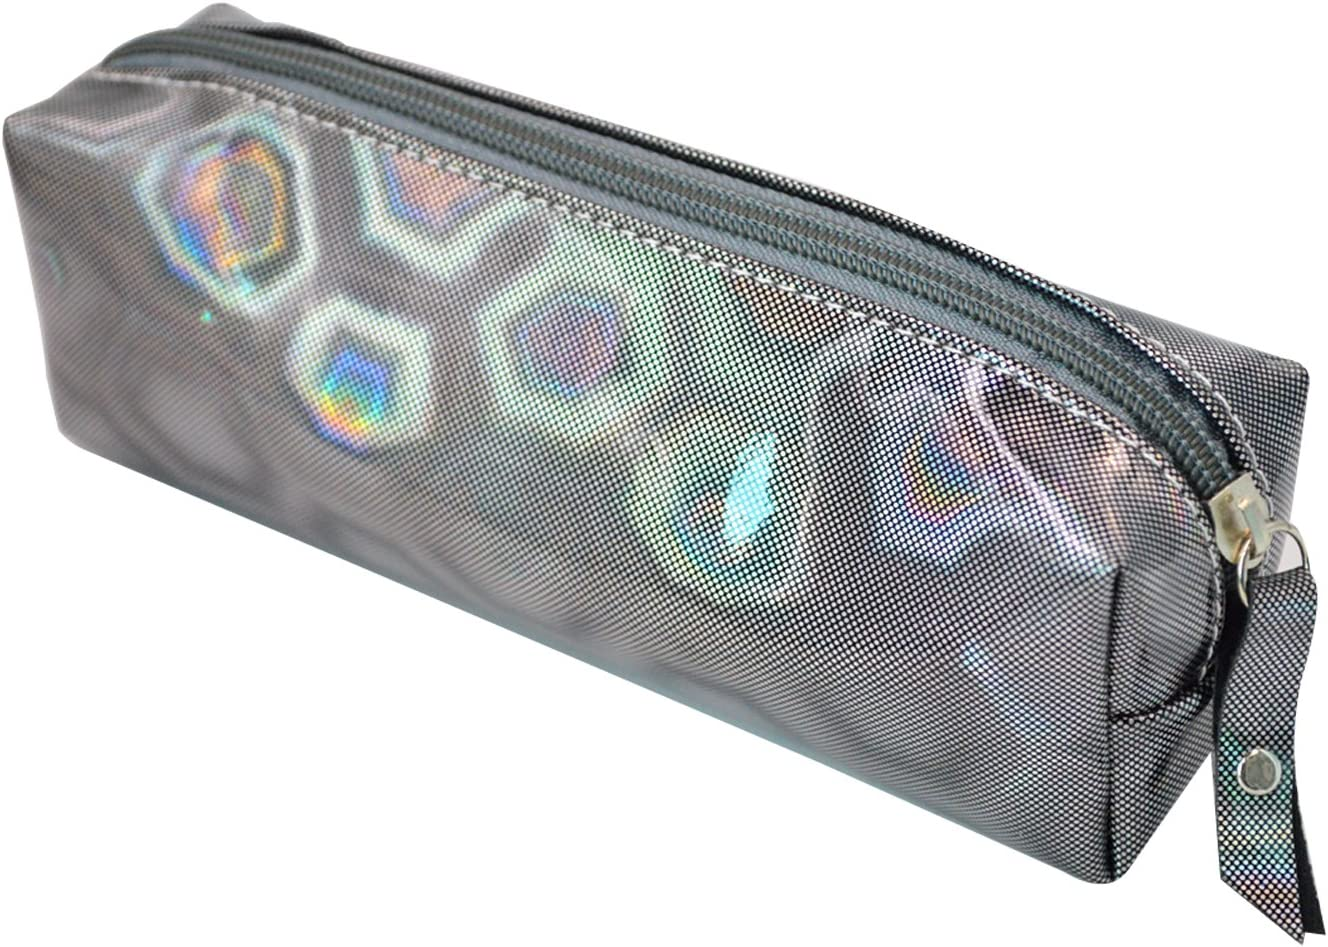 AiSi - Estuche para lapiceros o cosméticos con cierre de cremallera - Diseño láser, color gris: Amazon.es: Oficina y papelería